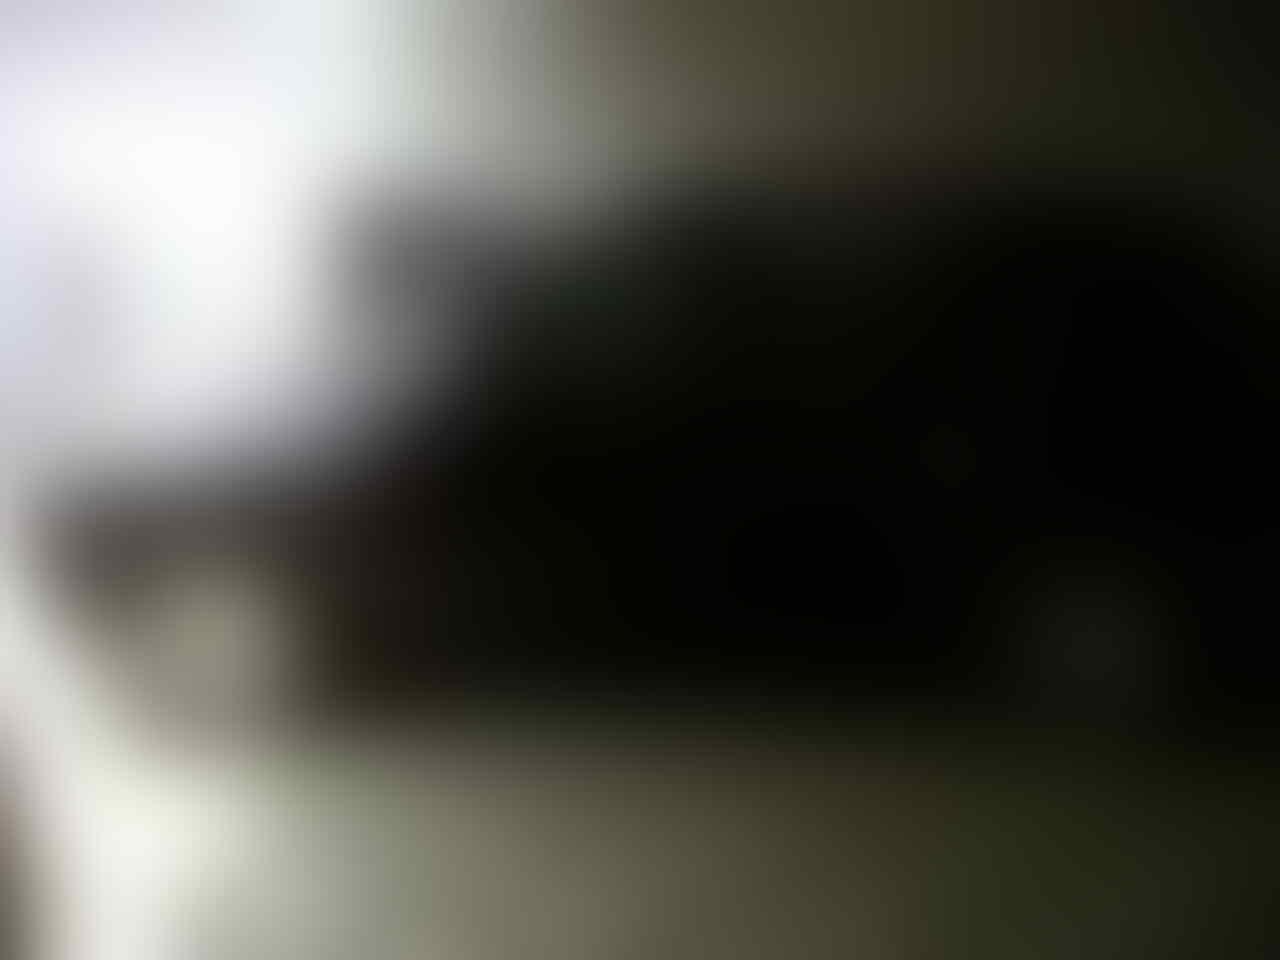 chevrolet captiva 2.4L A/T FL 2011